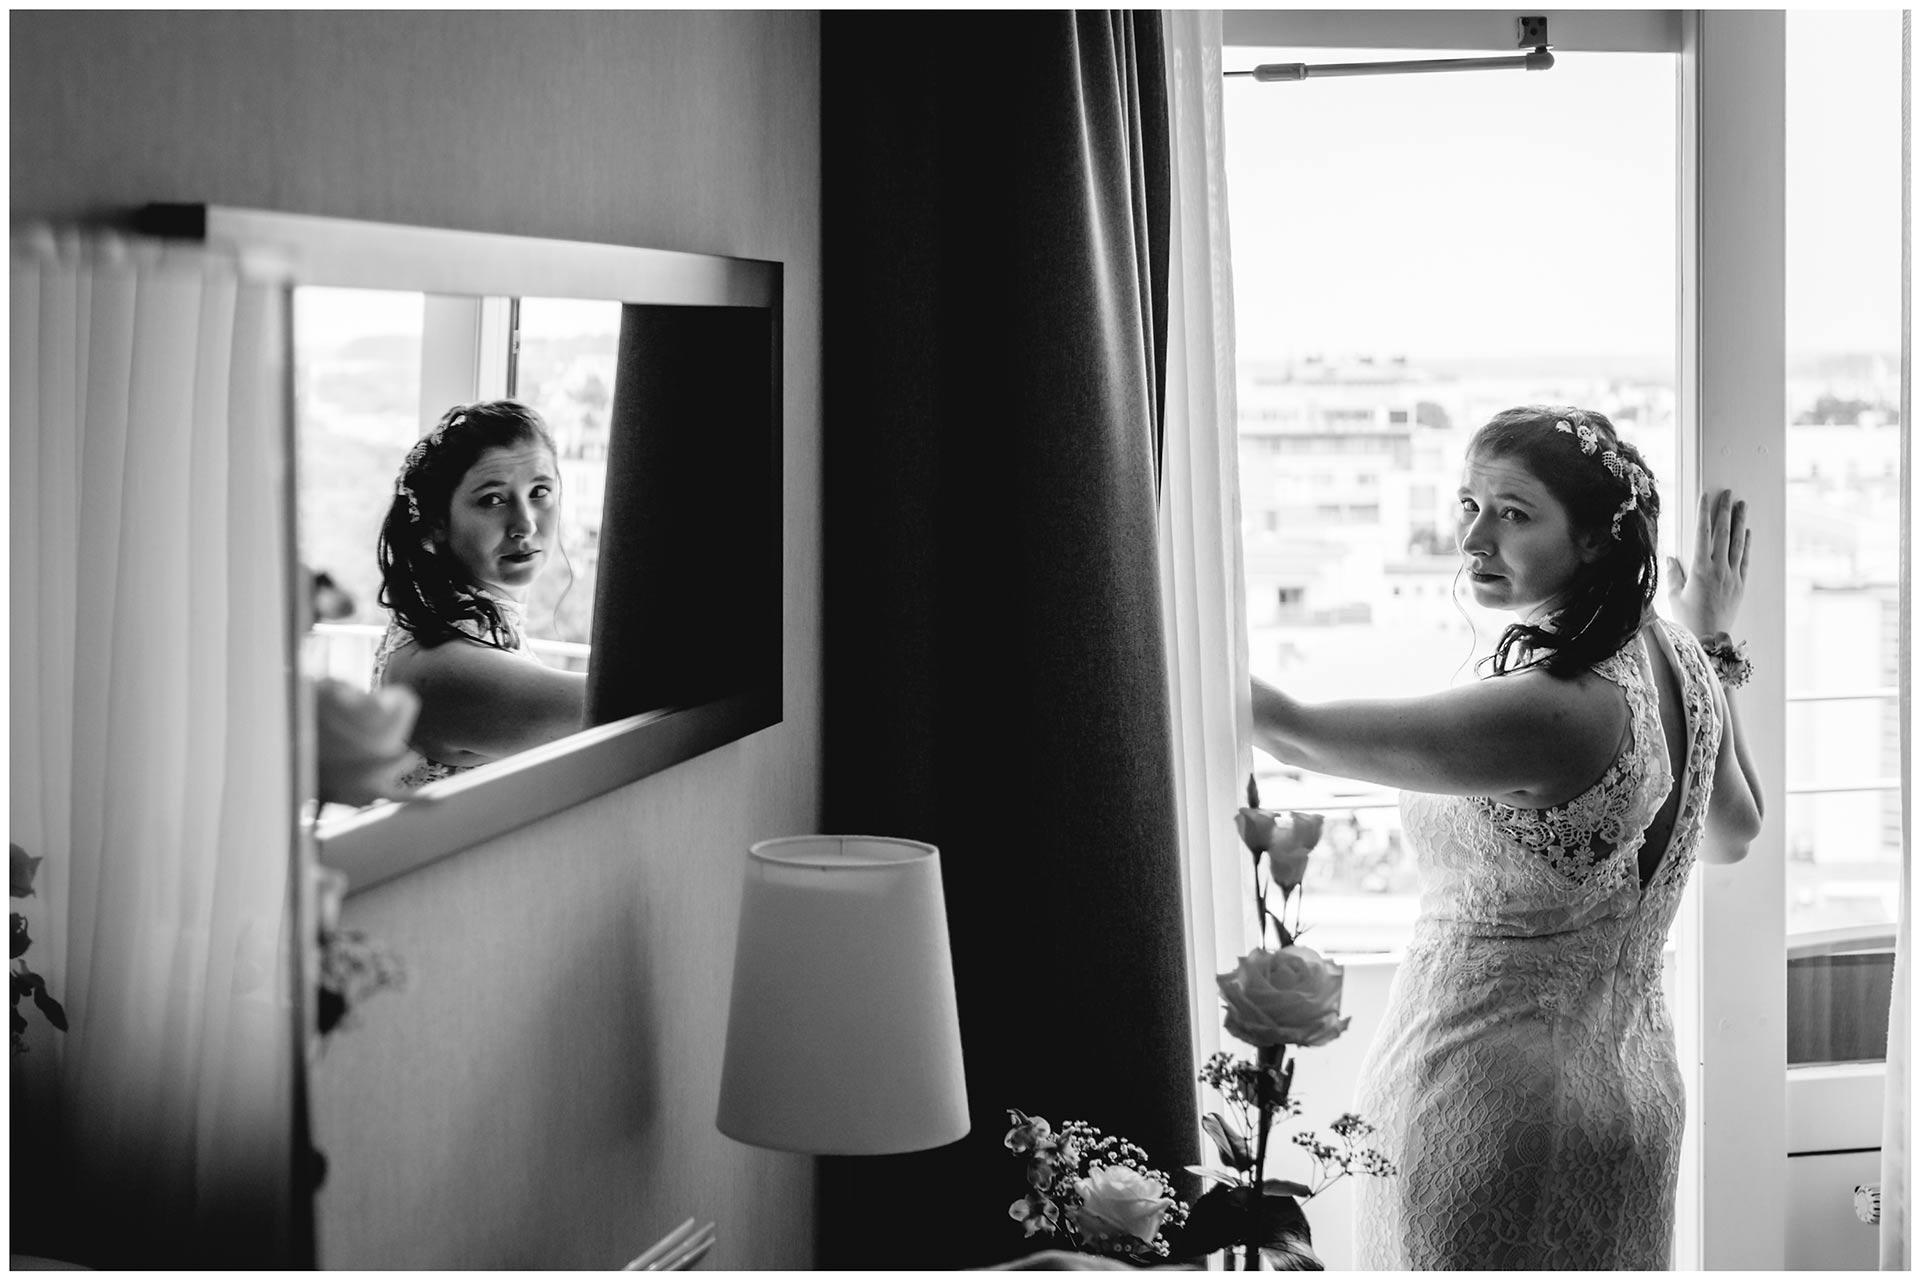 Braut-schaut-über-die-Schulter-Gesicht-der-Braut-im-Spiegel-Hochzeitsfotograf-Warnemuende-Rostock-Hochzeitsfotograf-Ostseebad-Warnemuende